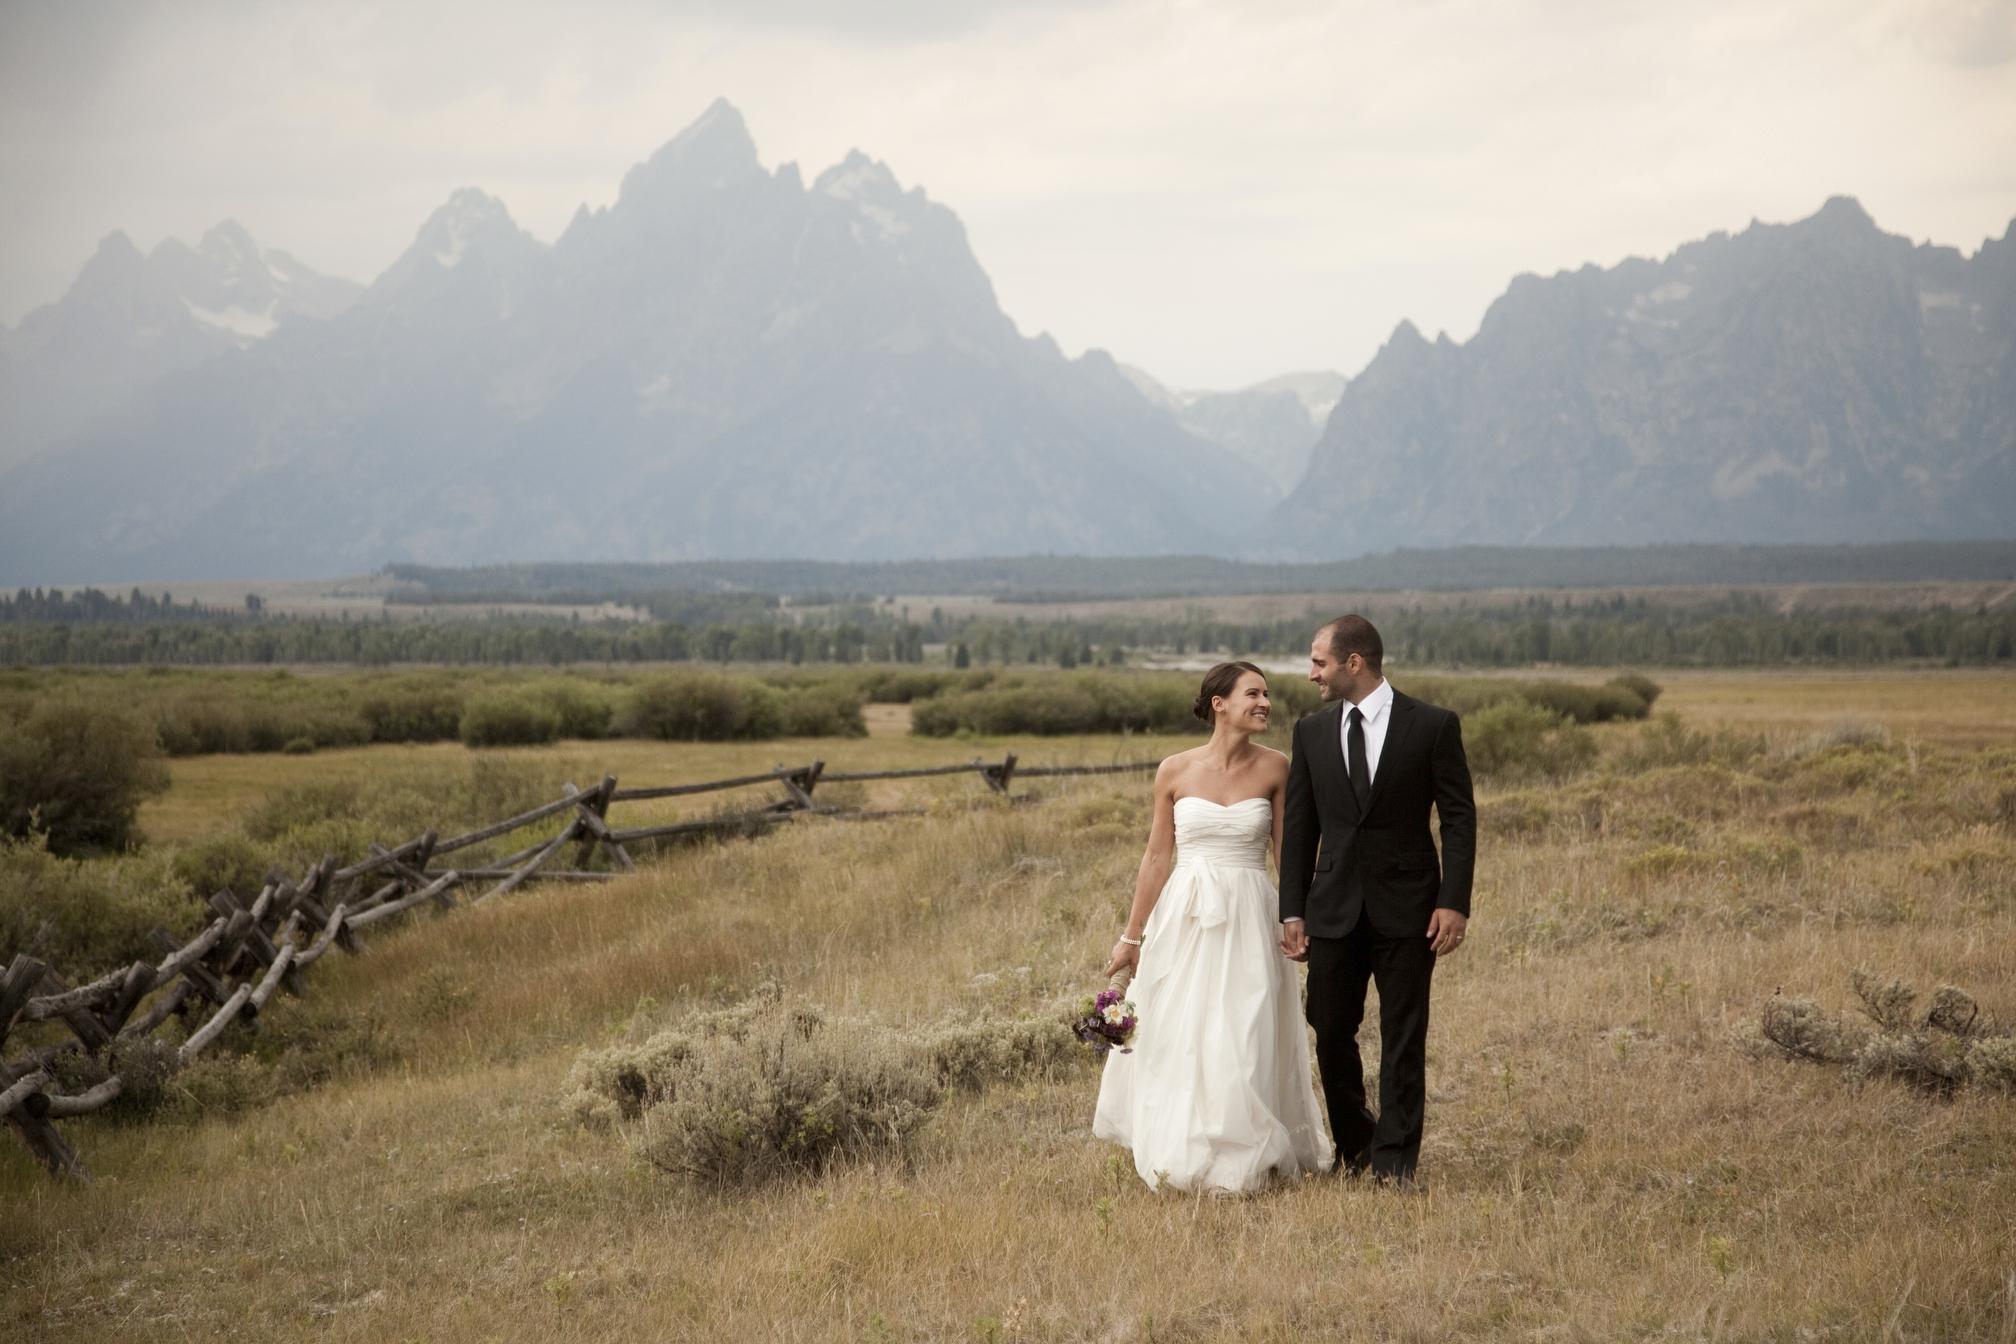 Haddad Wedding Jackson Hole 2012_0216.JPG